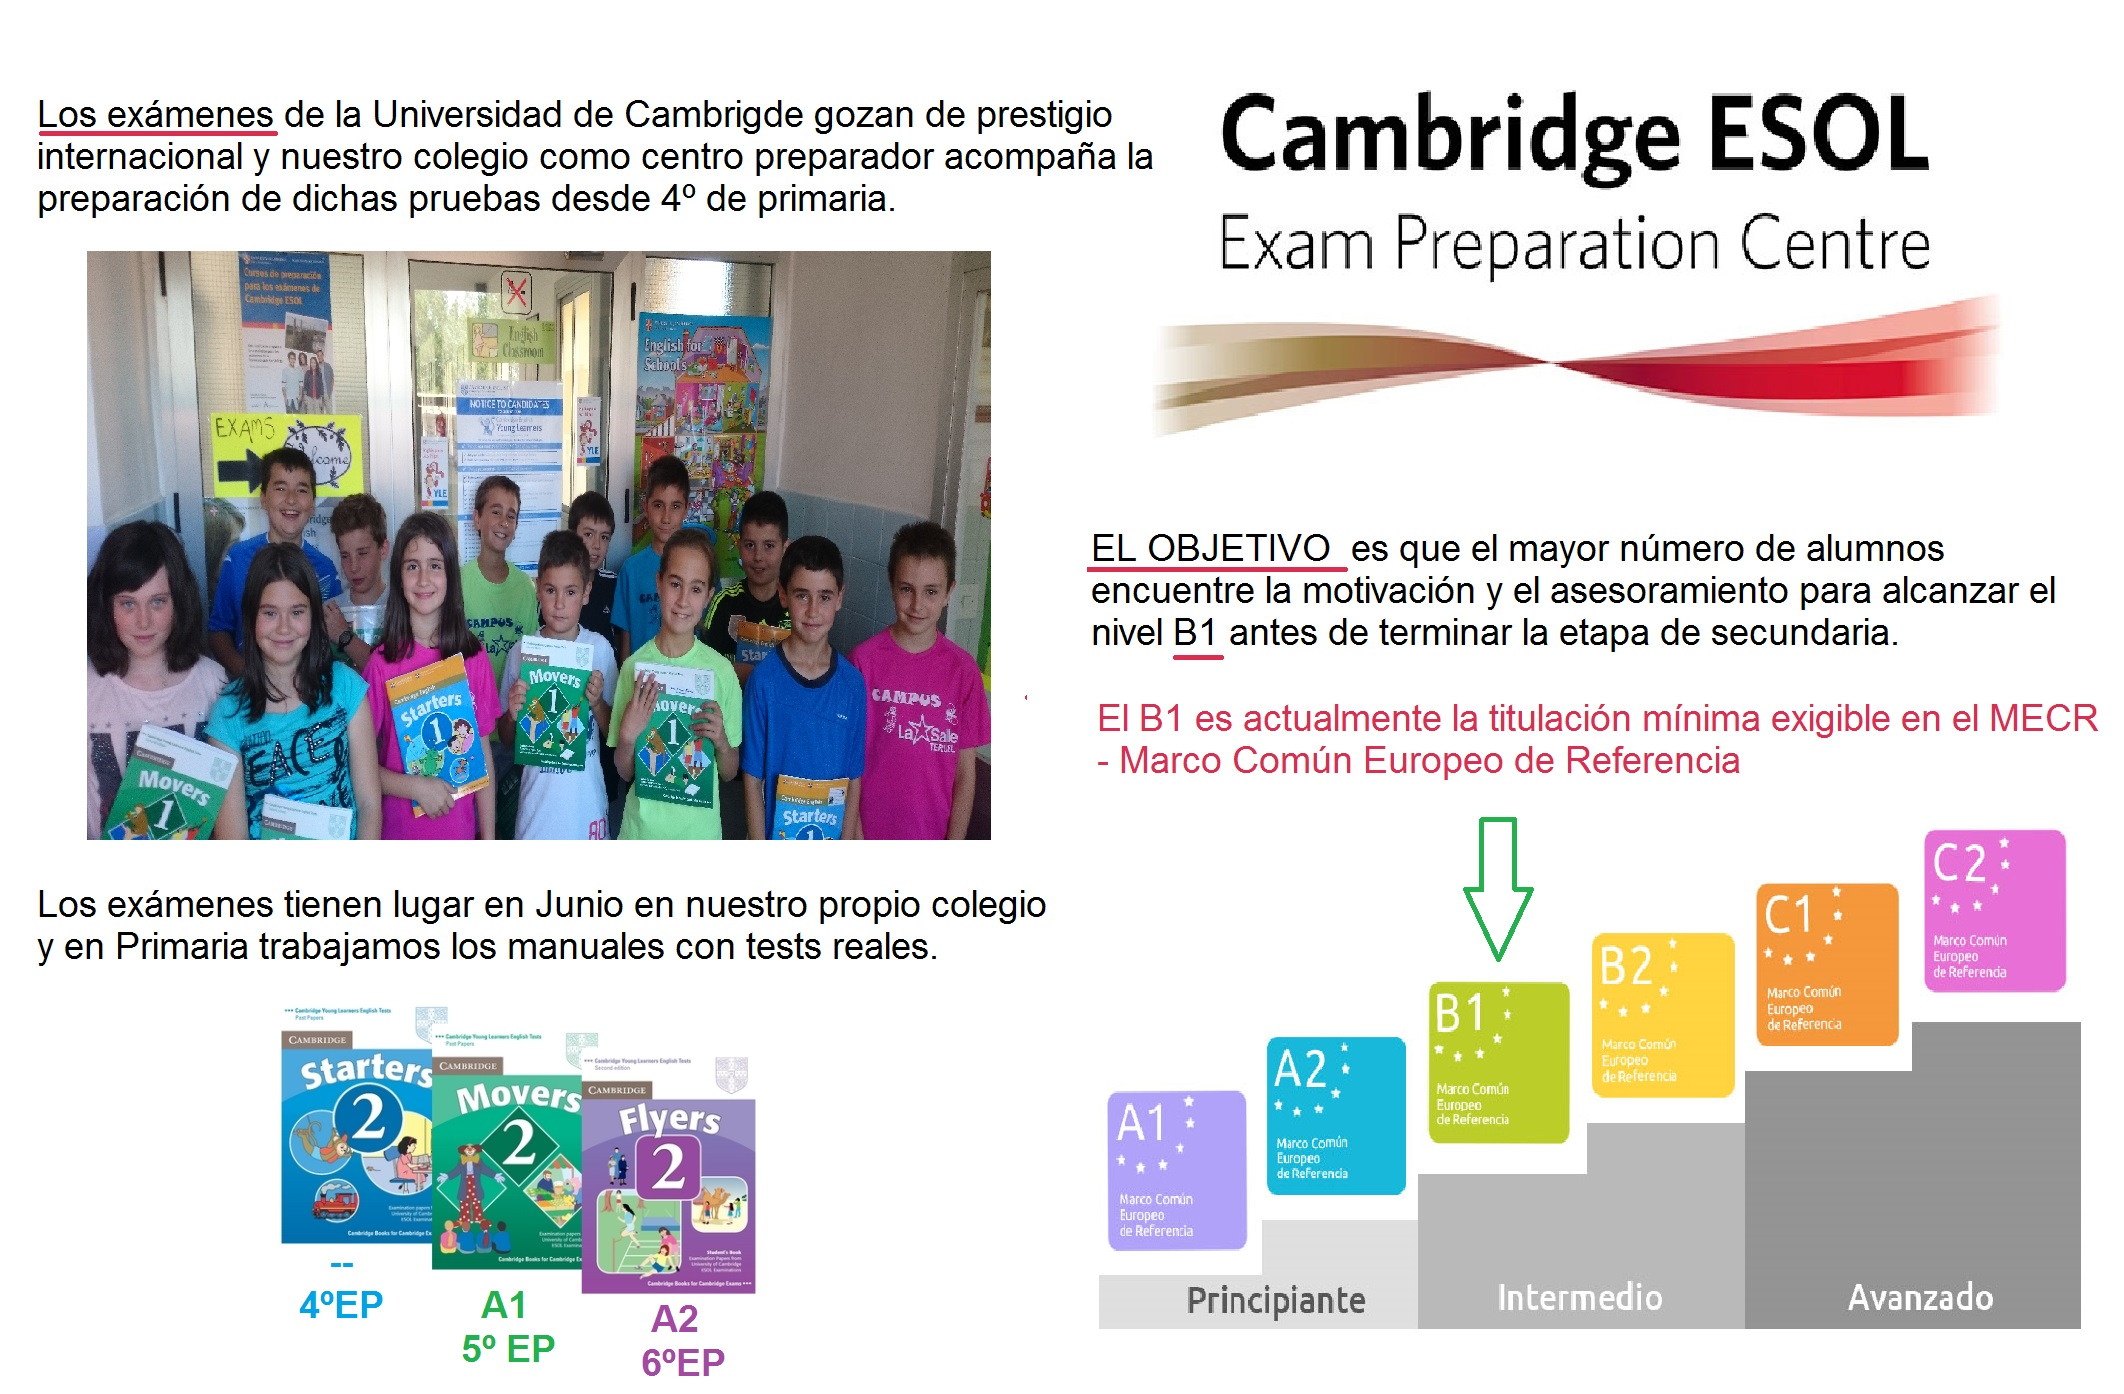 5.CAMBRIDGE